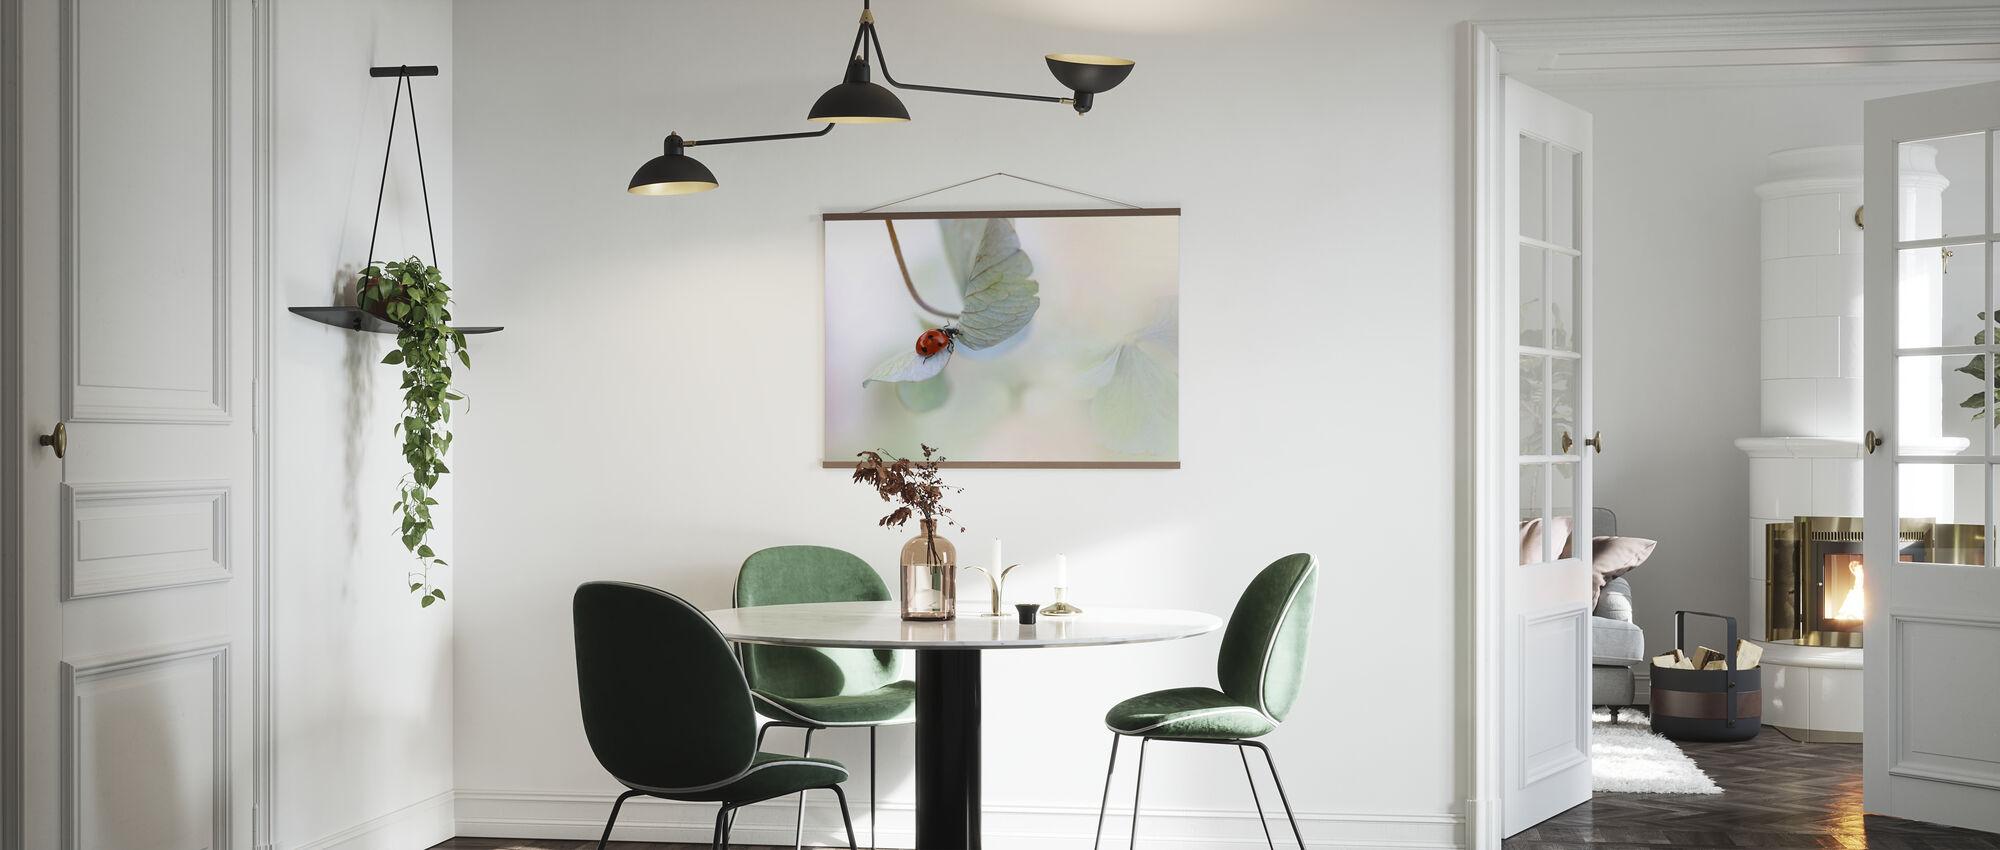 Leppäkerttu sininen vihreä hortensia - Juliste - Keittiö